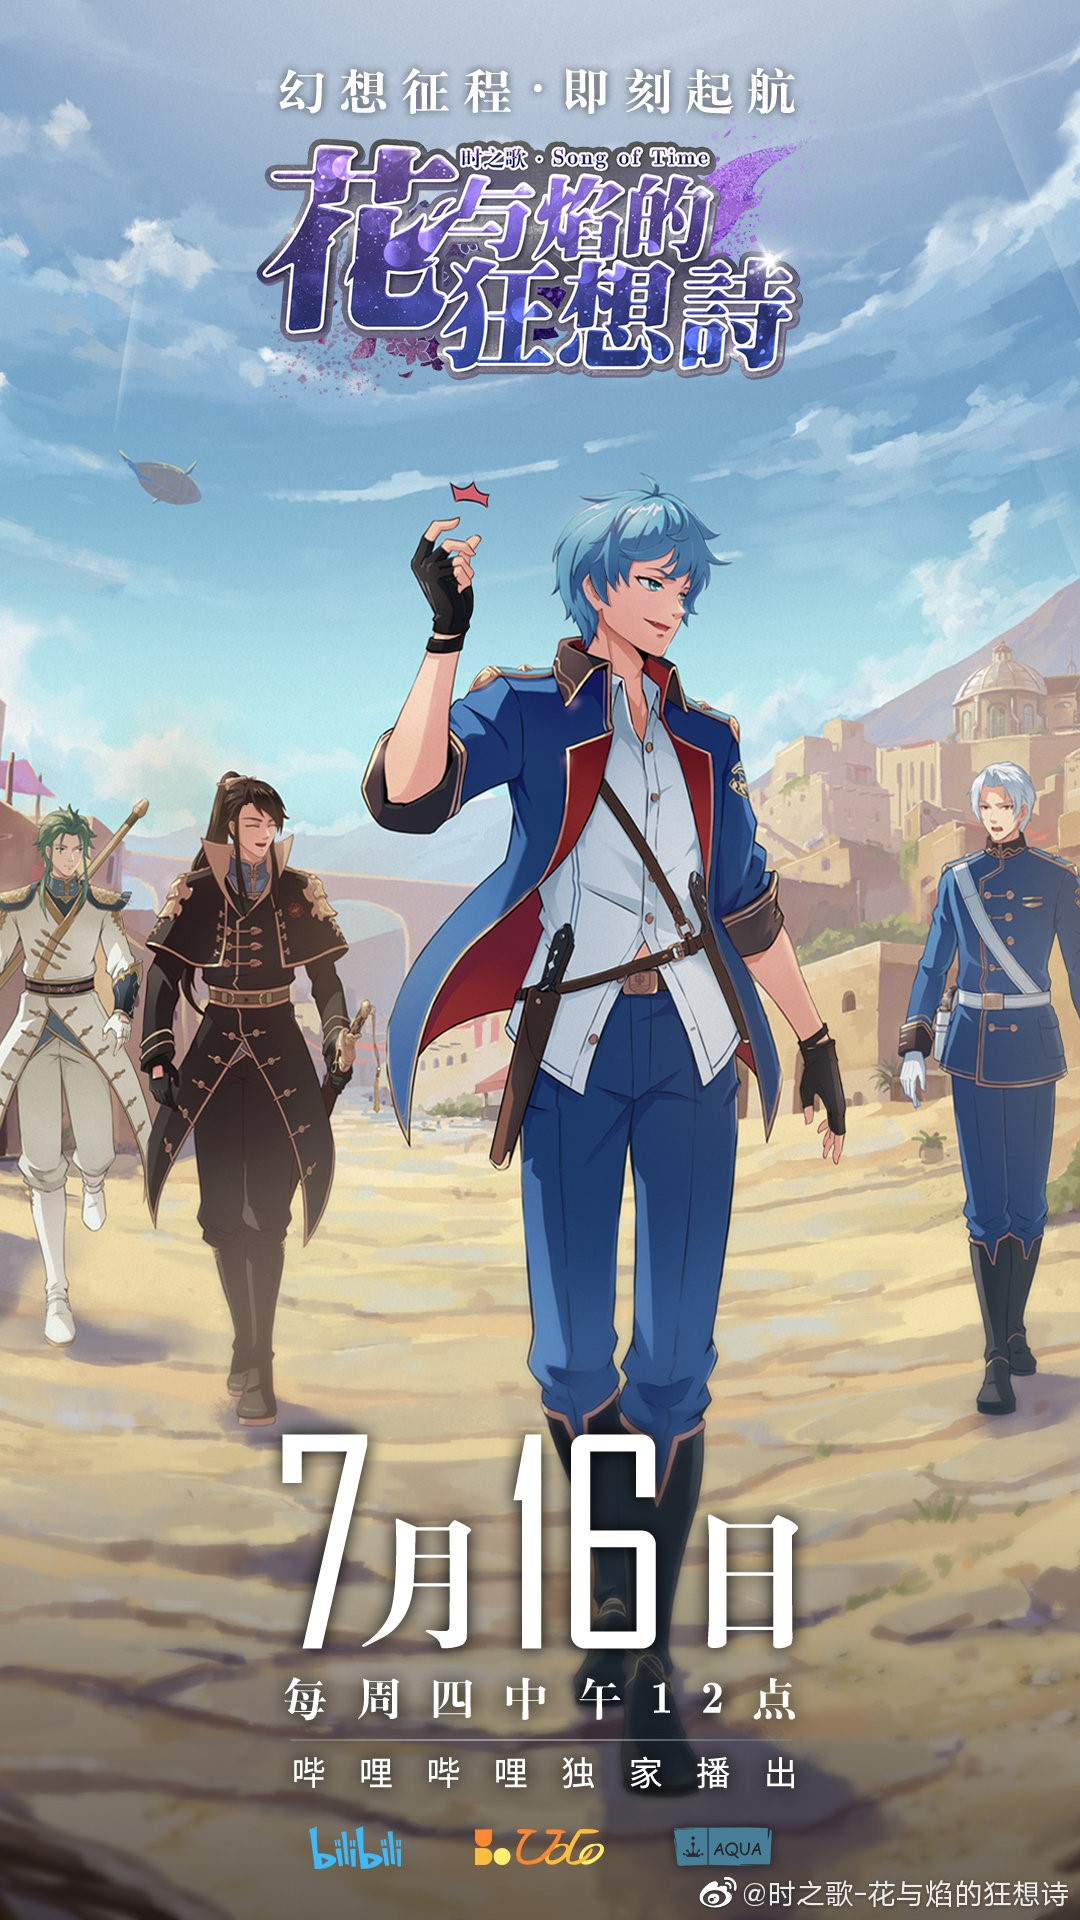 《时之歌-花与焰的狂想诗》7月16日正式开播 国创幻想系动画翻开全新篇章